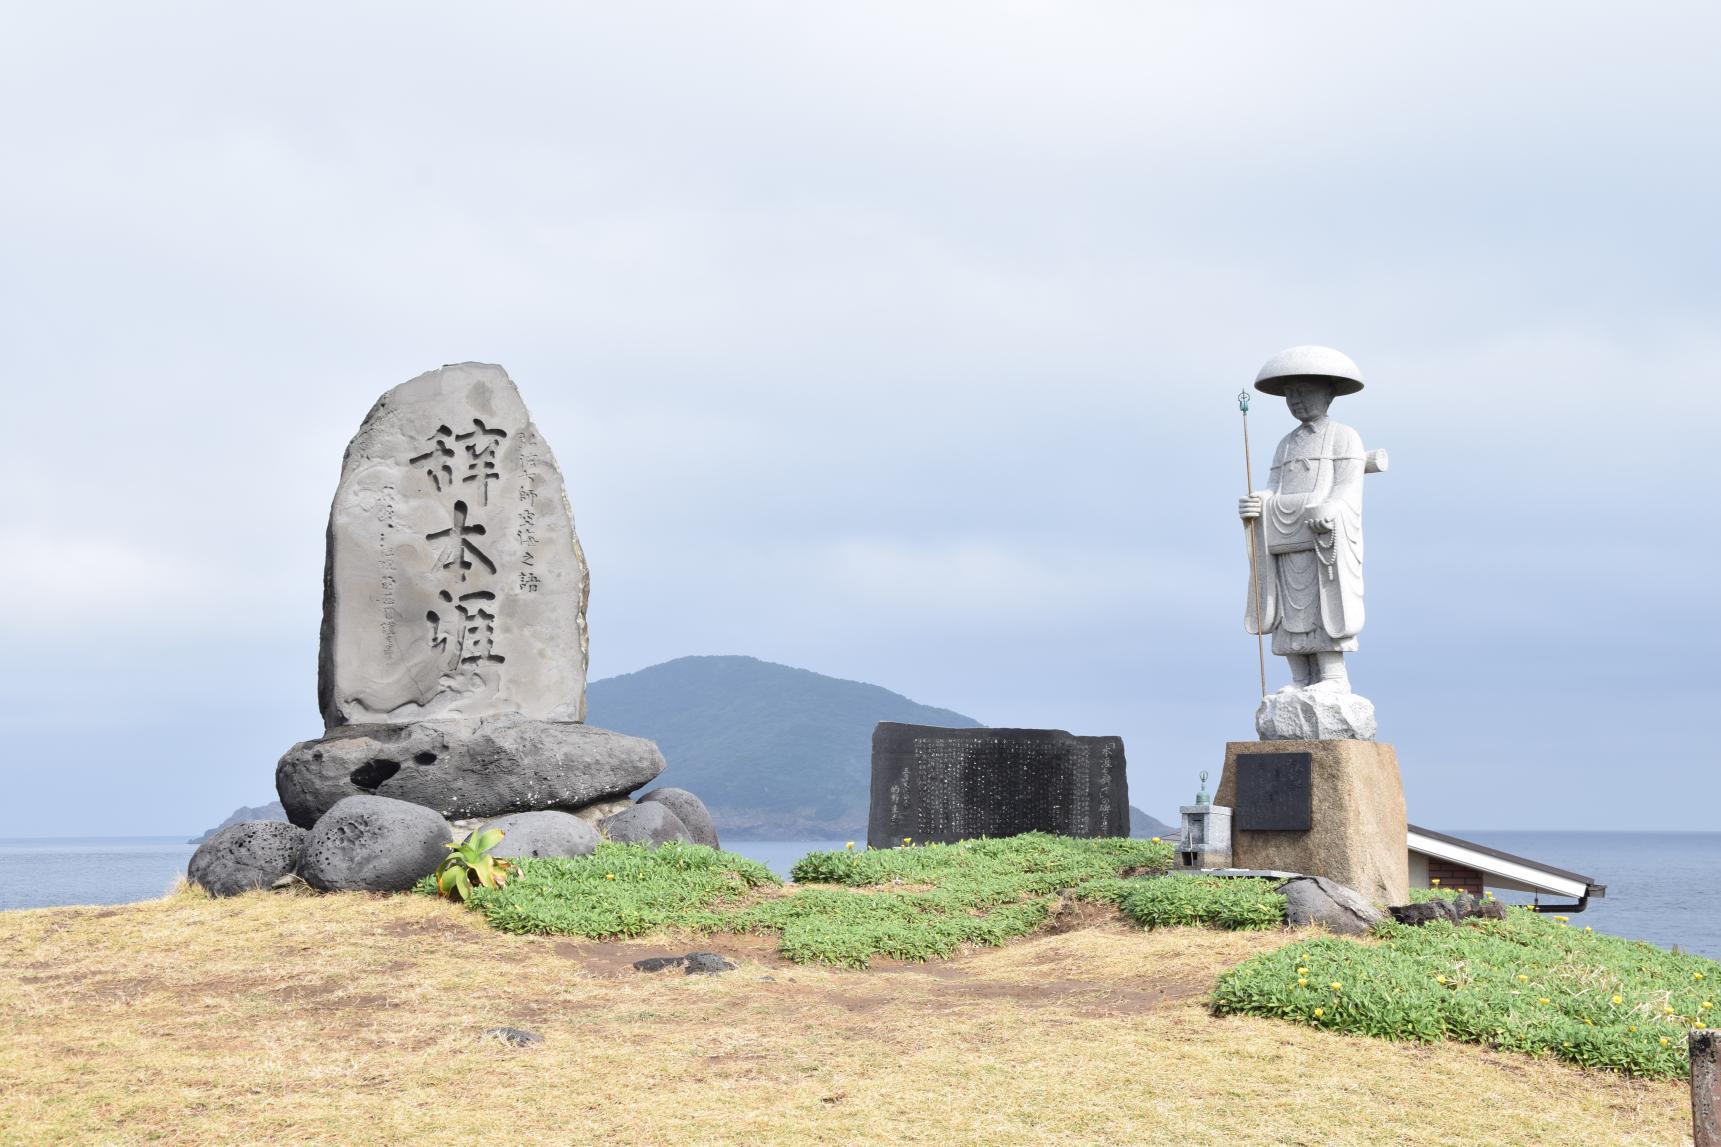 日本を背負った遣唐使に思いを馳せる 日本最後の寄港地・三井楽へ-1